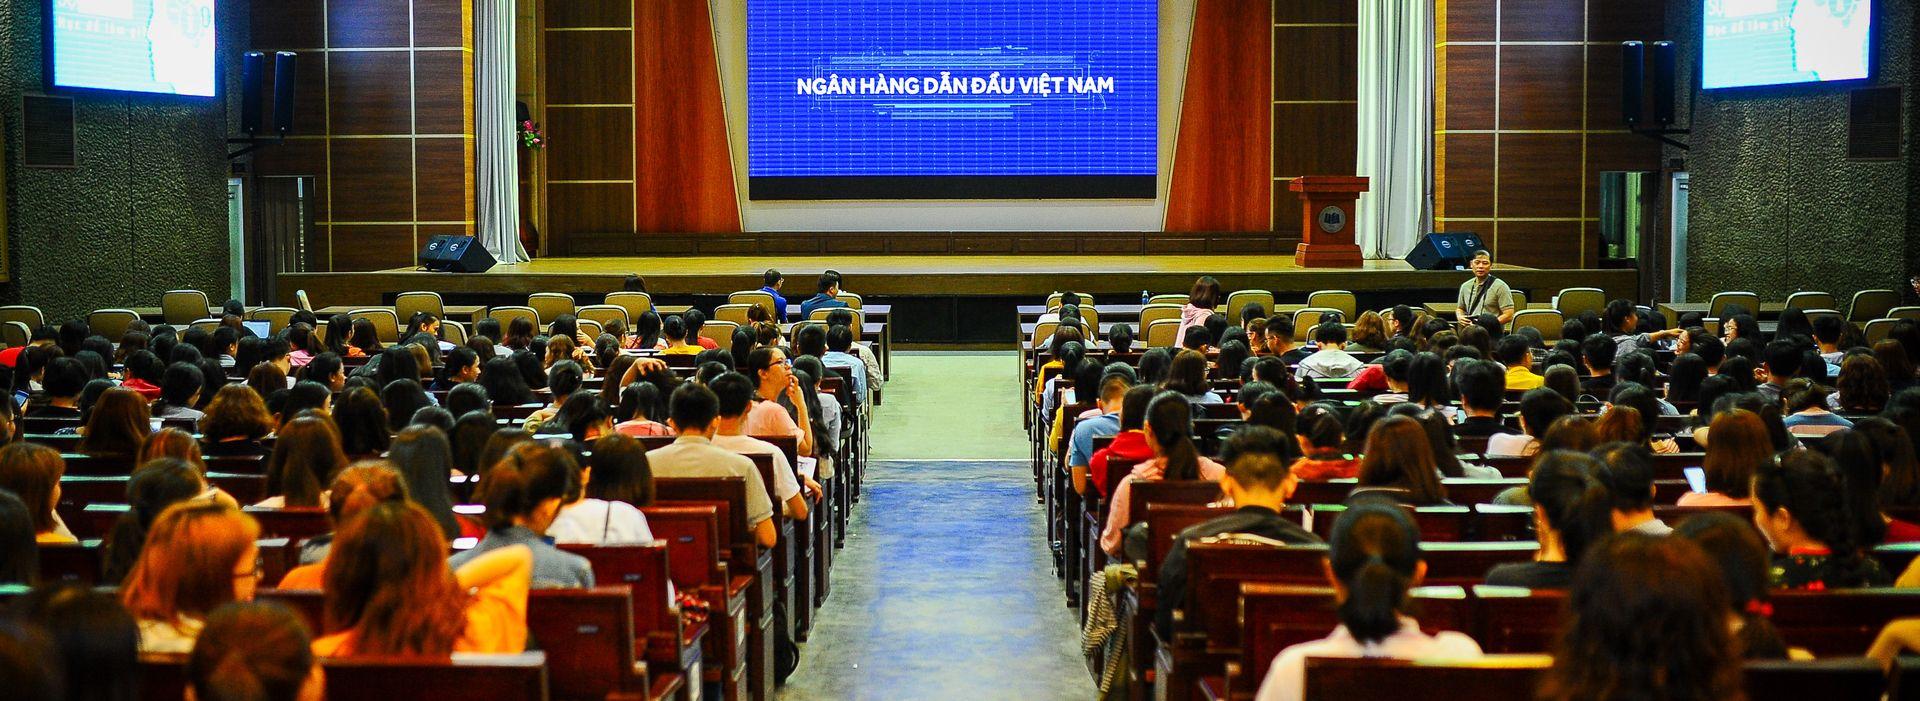 Ông Đỗ Minh Toàn - Tổng giám đốc ACB: Tăng tốc phát triển toàn diện ngân hàng giai đoạn 2019-2024